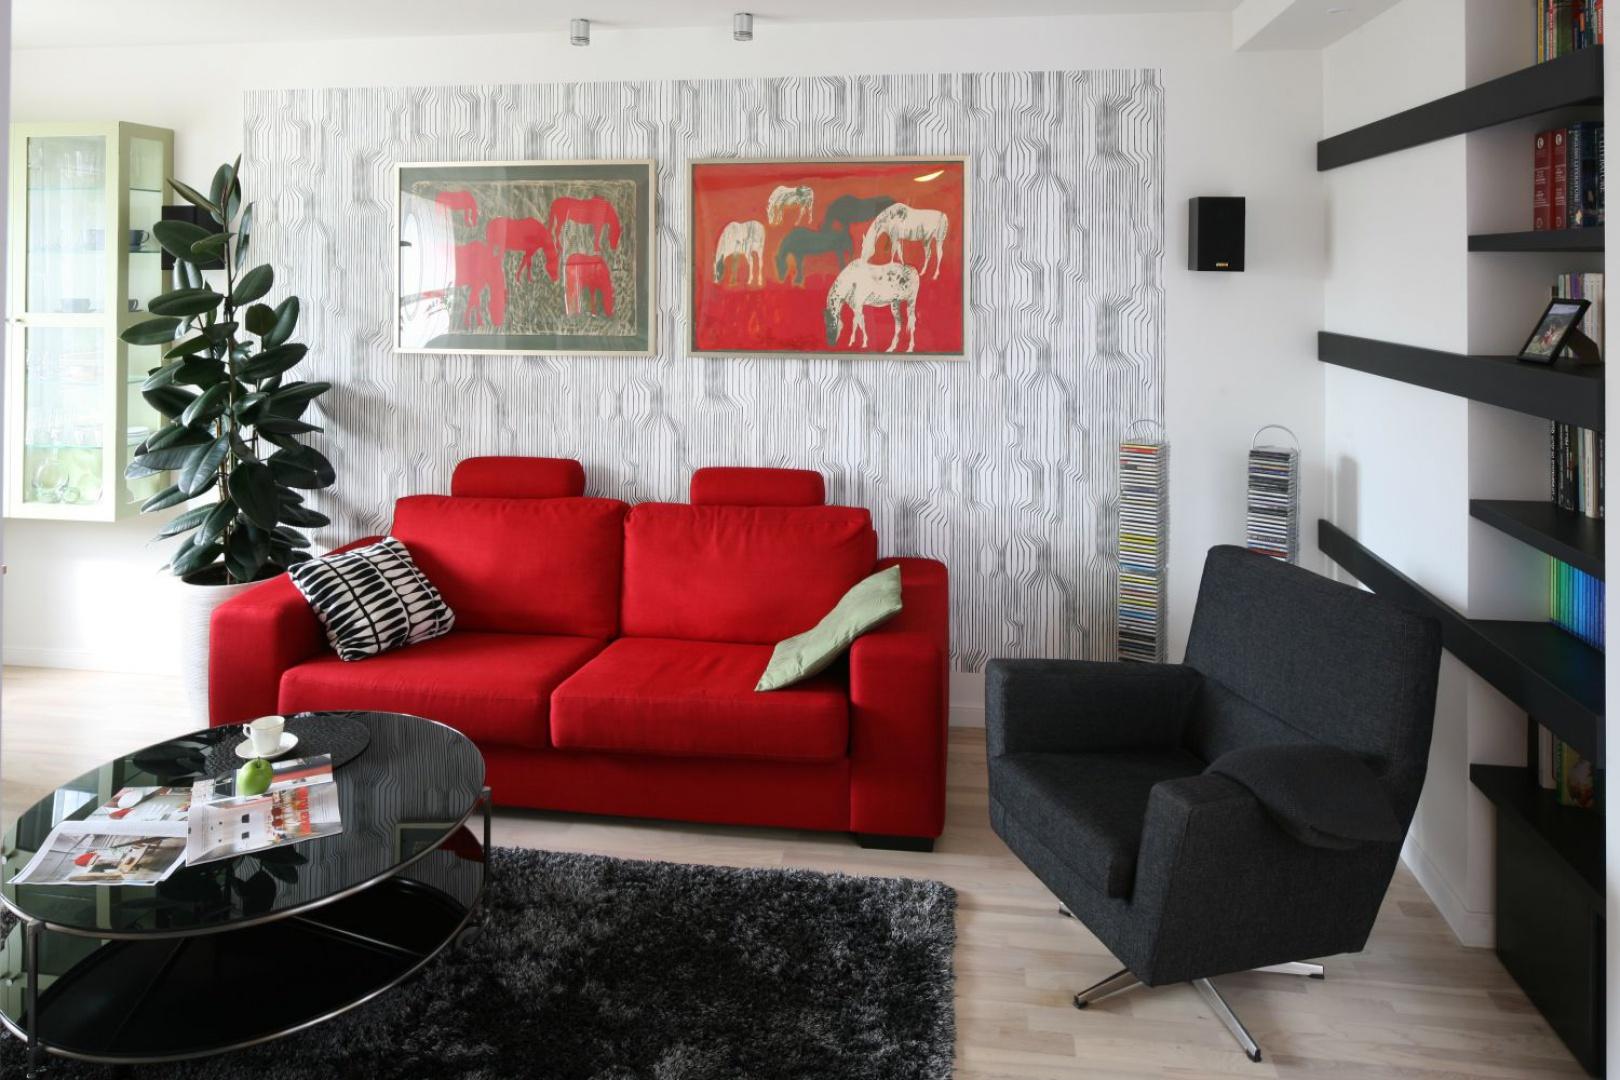 Klimat tego salonu to zasługa świetnie skomponowanych kolorów. Rządzą tu czernie i biele, na tle których czerwona dwuosobowa kanapa stanowi mocny stylistycznie akcent. Projekt Marta Kruk. Fot. Bartosz Jarosz.